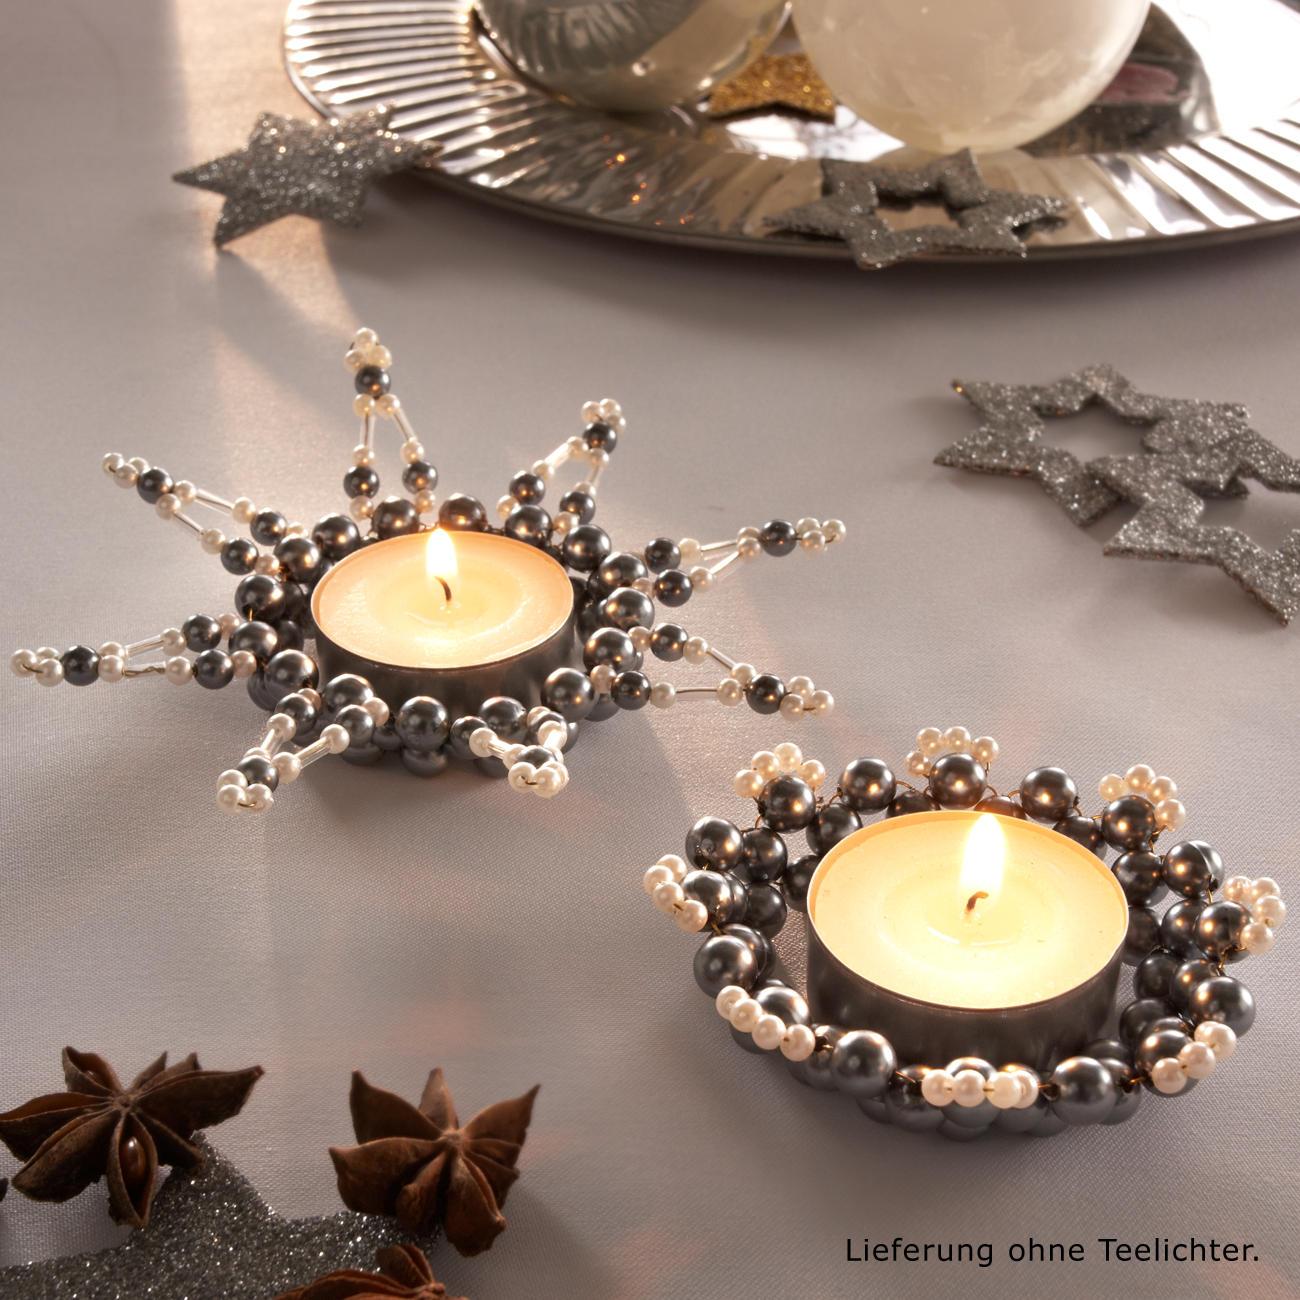 komplettpackung 8 teelichthalter im set weihnachtsschmuck weihnachtliches basteln. Black Bedroom Furniture Sets. Home Design Ideas